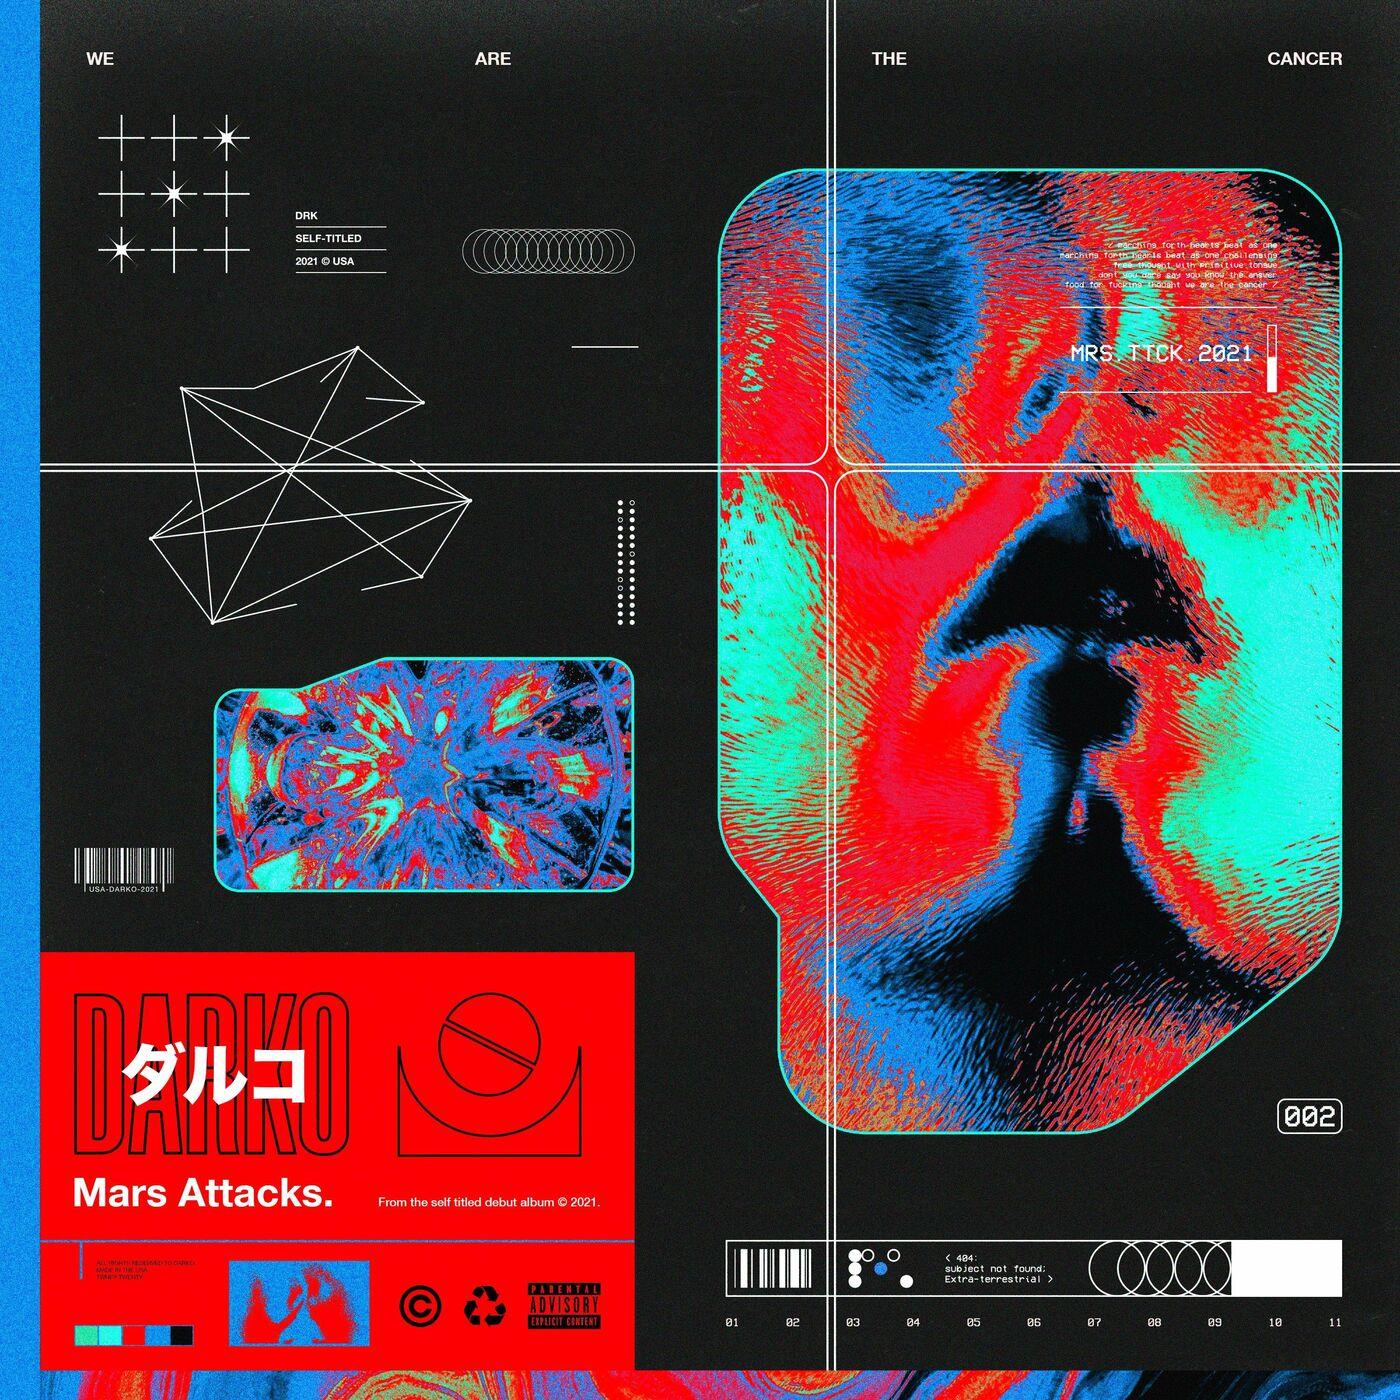 Darko US - Mars Attacks [single] (2021)